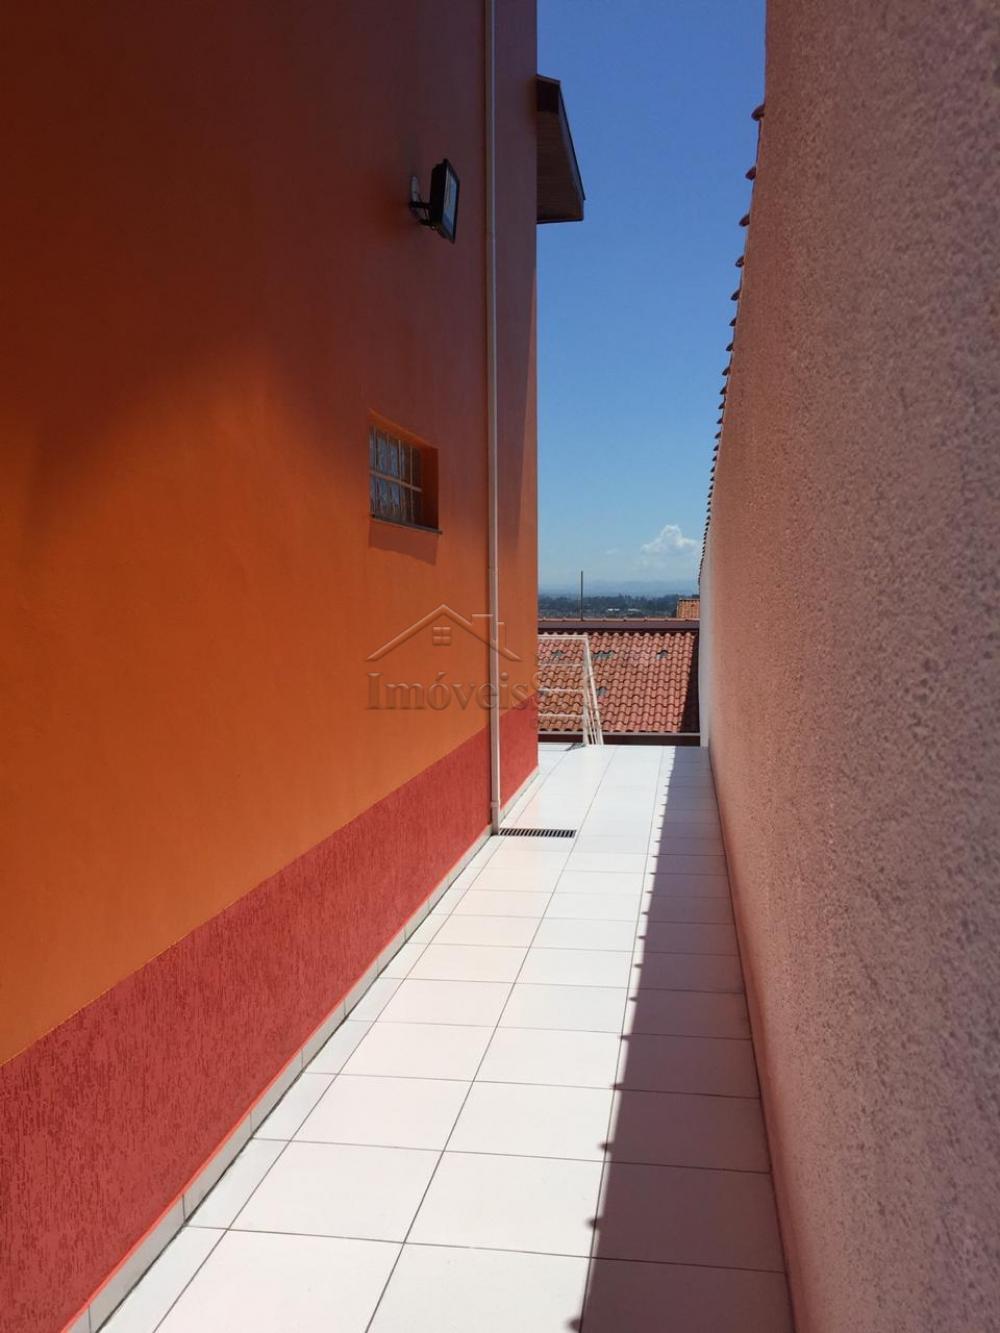 Comprar Casas / Padrão em Jacareí apenas R$ 600.000,00 - Foto 9